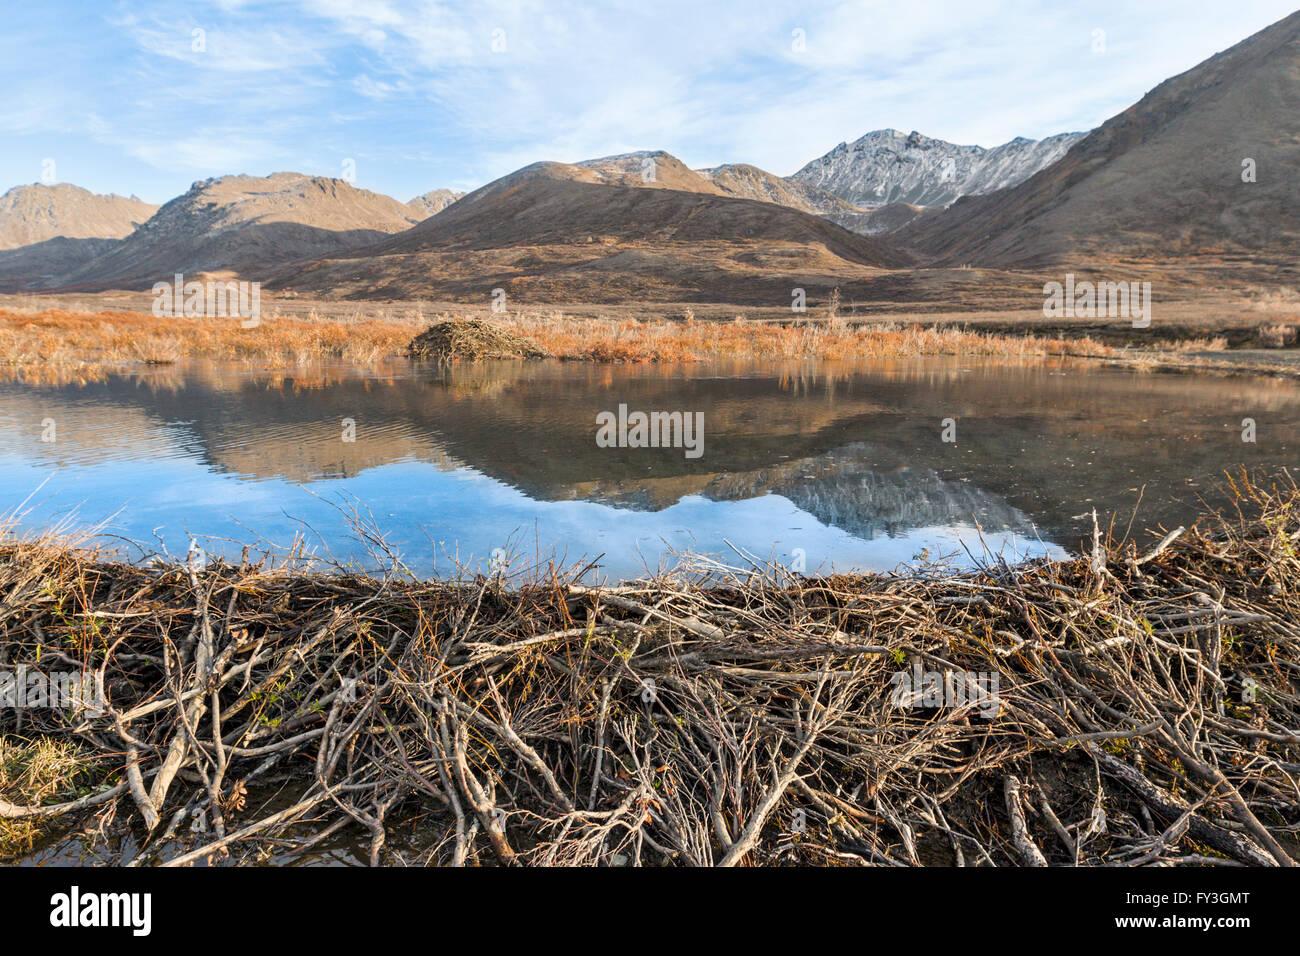 Eine Beaver dam und Teich reflektiert die Alaska Range Mountains. Stockbild